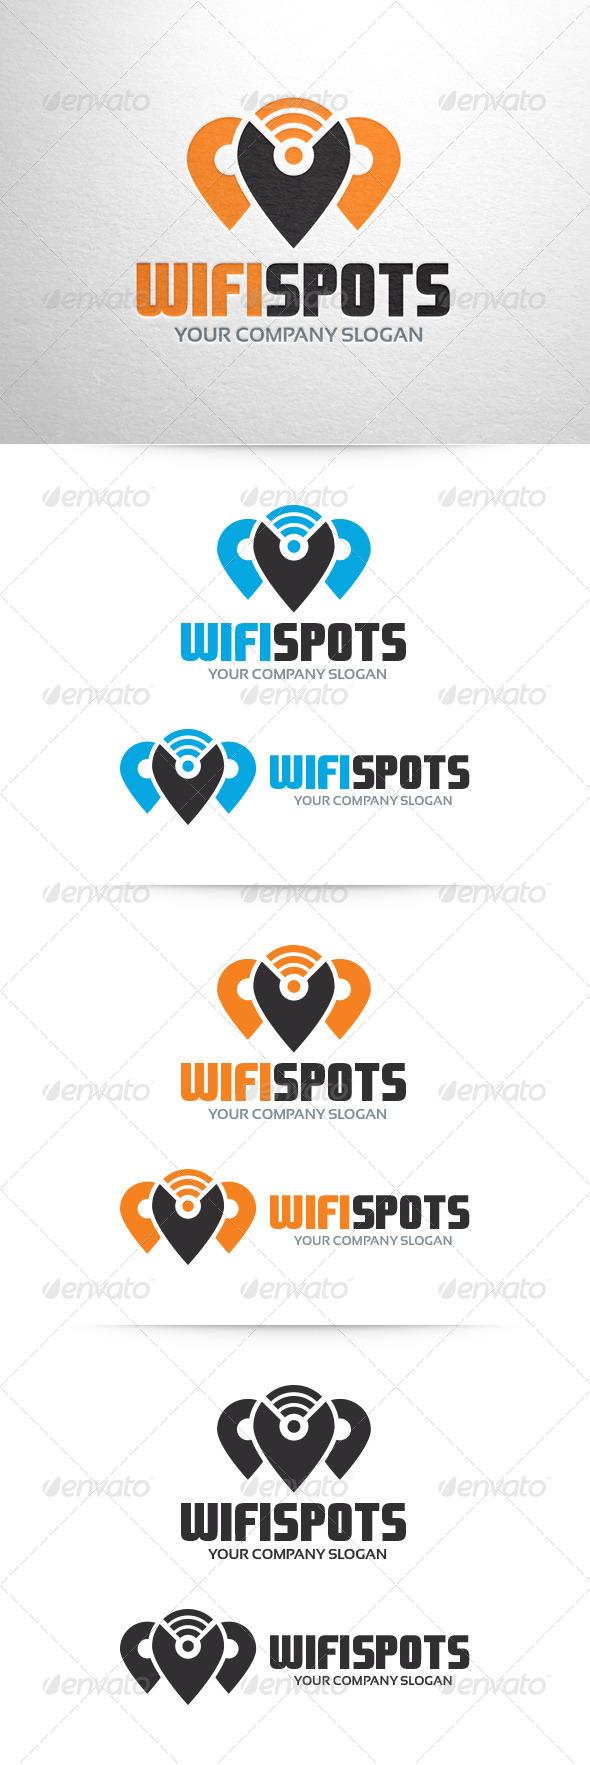 GraphicRiver Wi-Fi Spots Logo Template 6591788